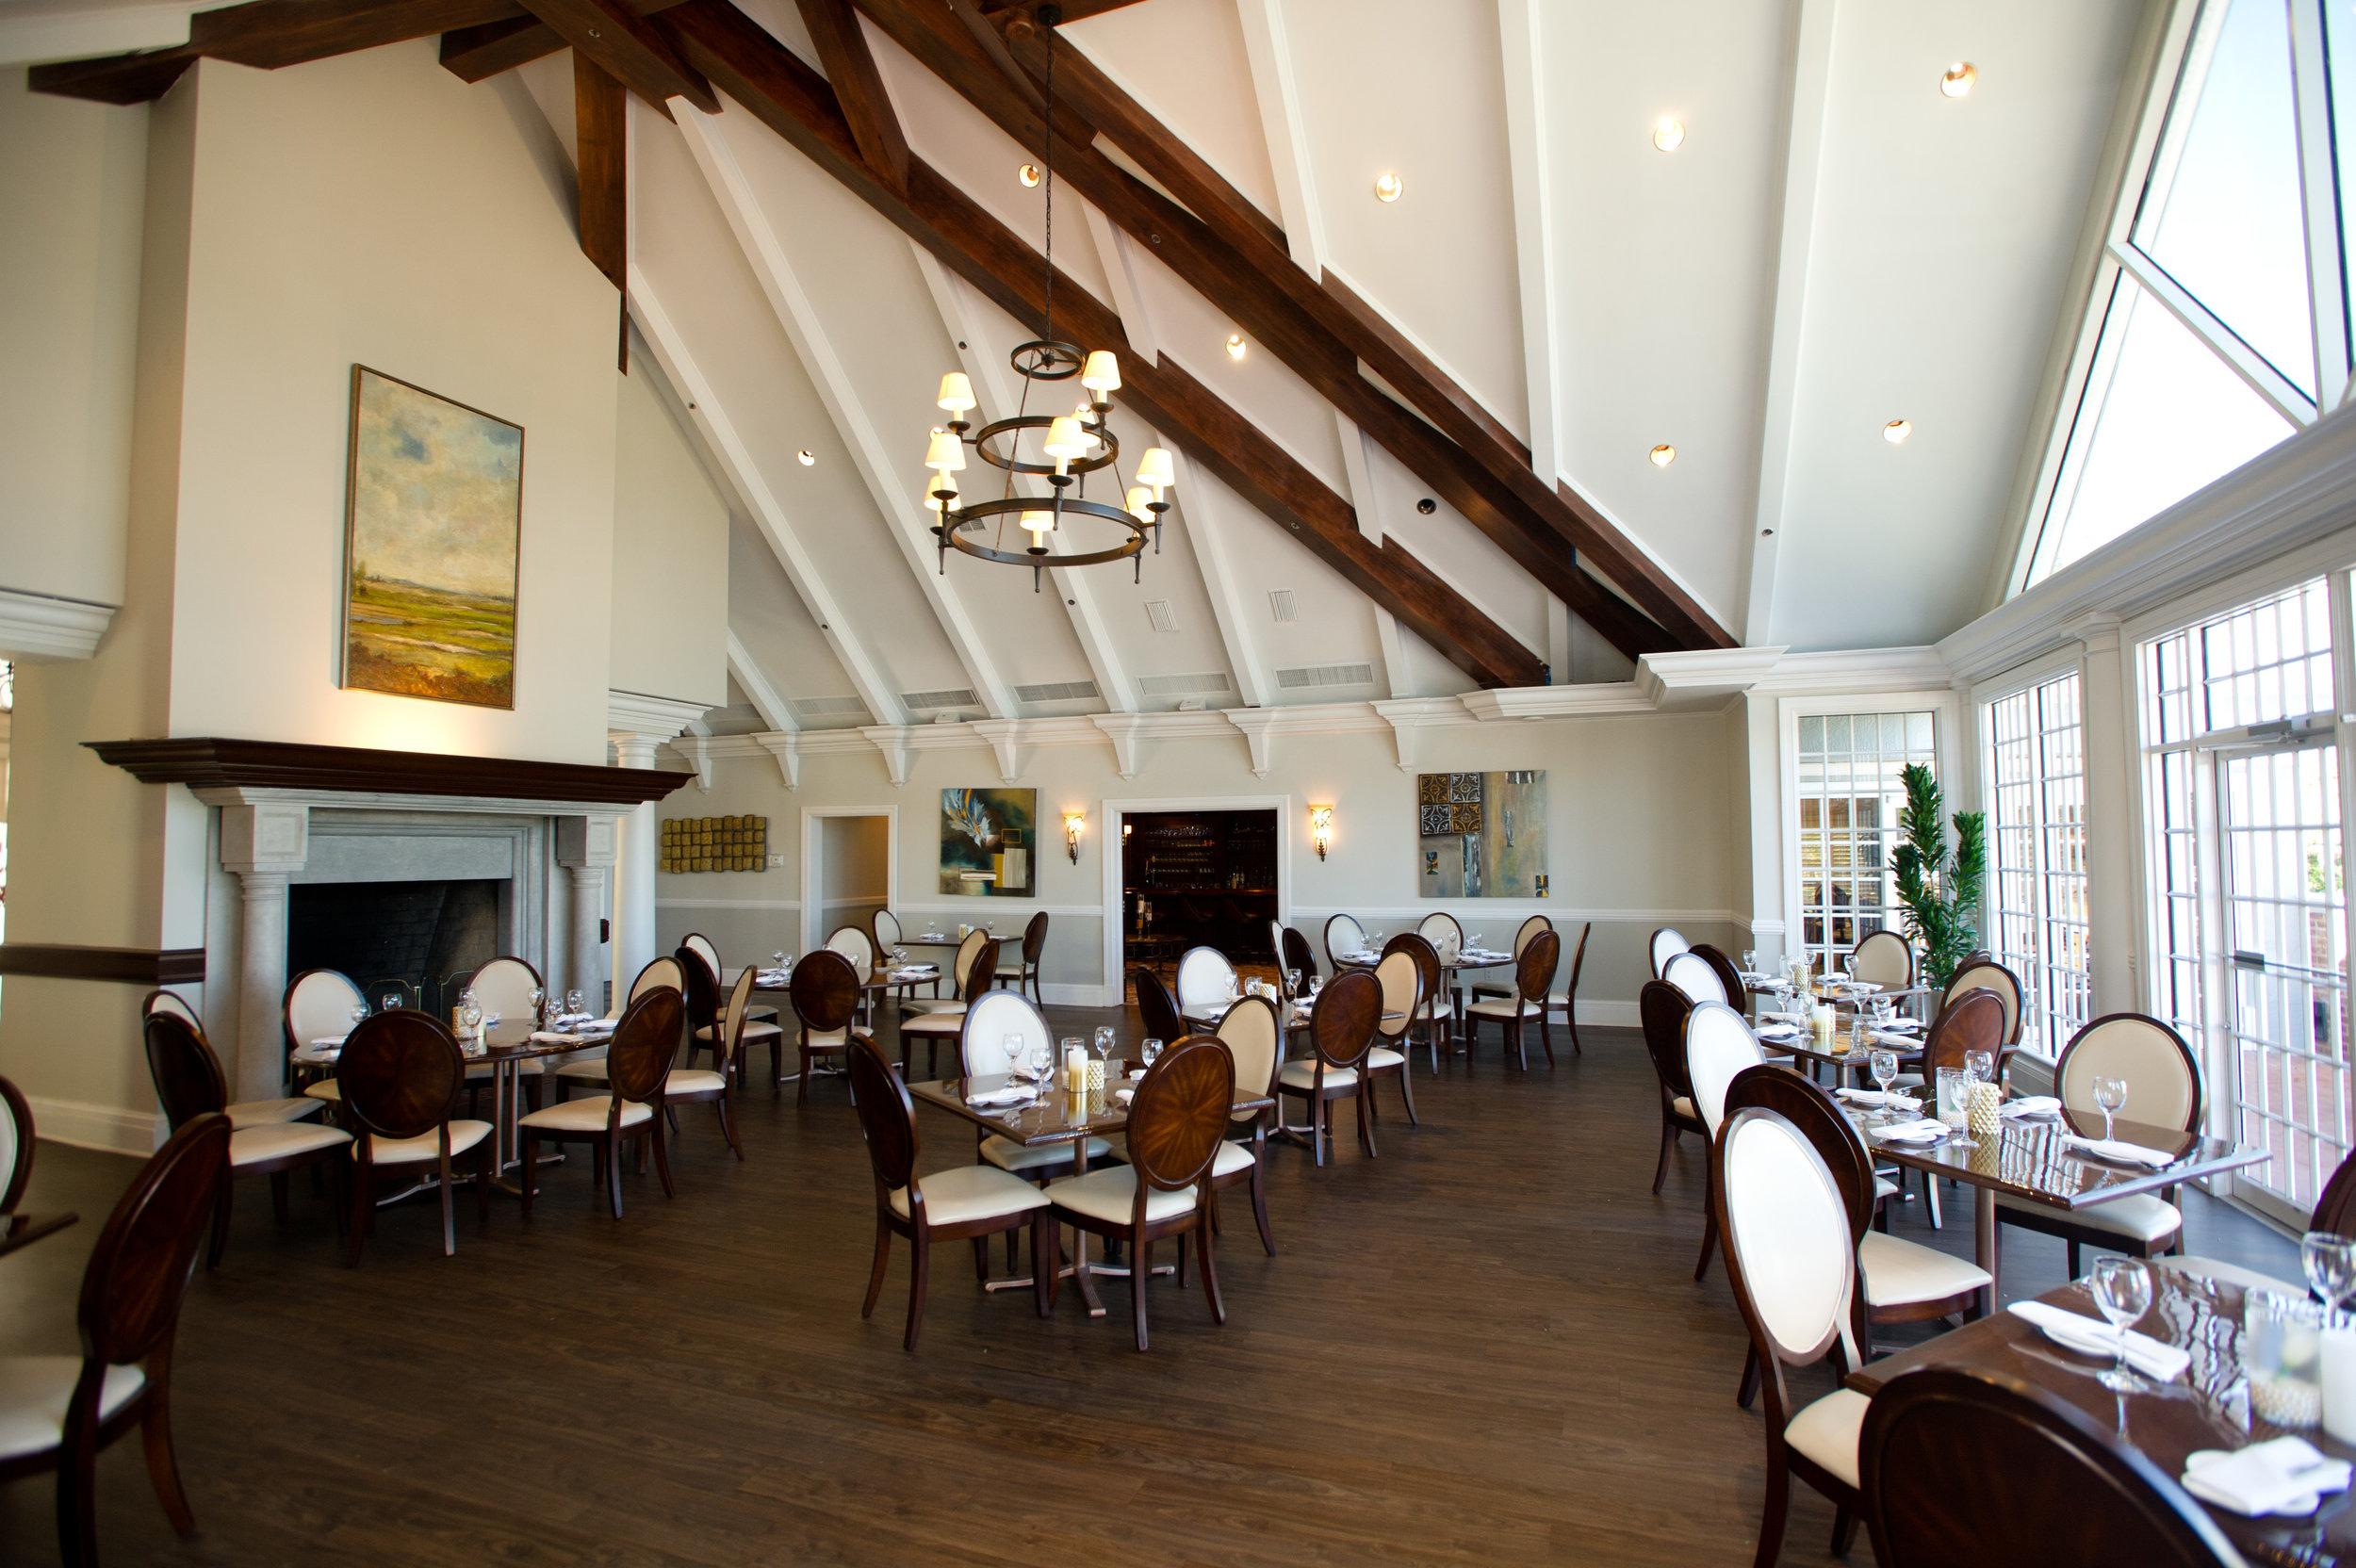 dining_room_009.JPG